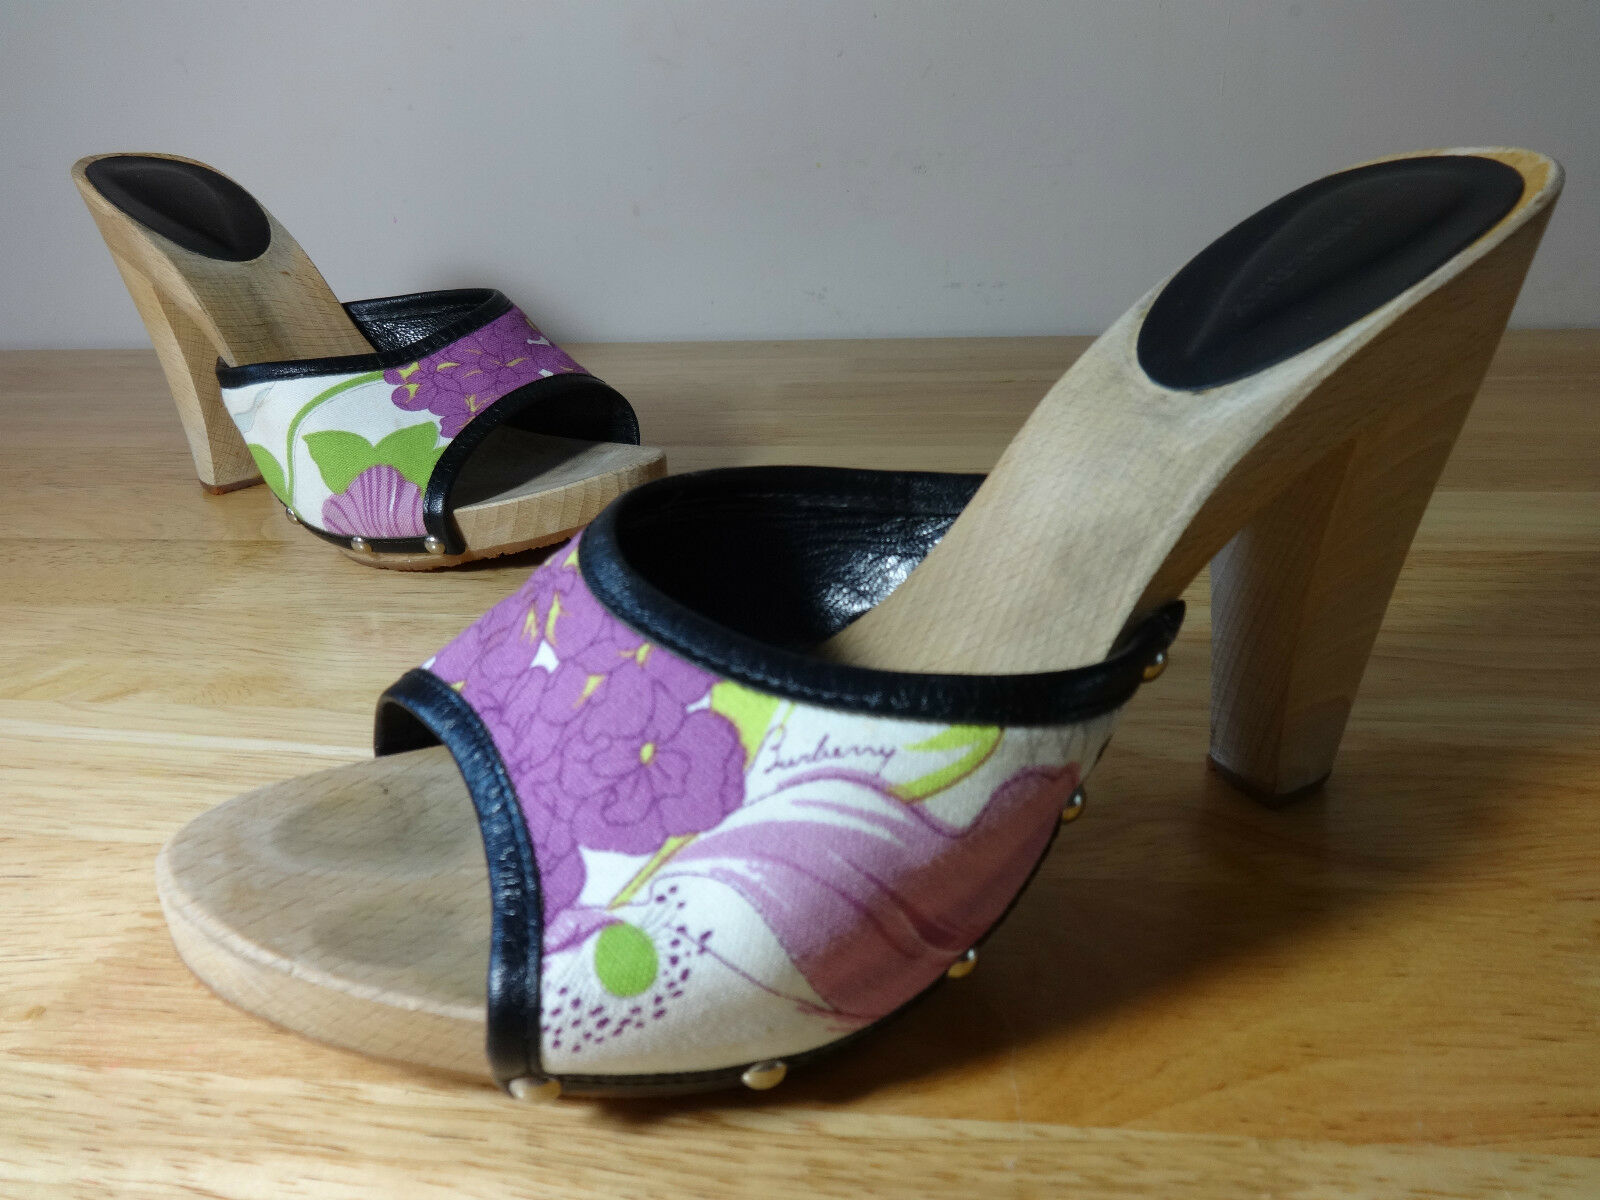 Damenschuhe Burberry schuhe Größe 6 wooden mules floral fabric studded Leder heels 6